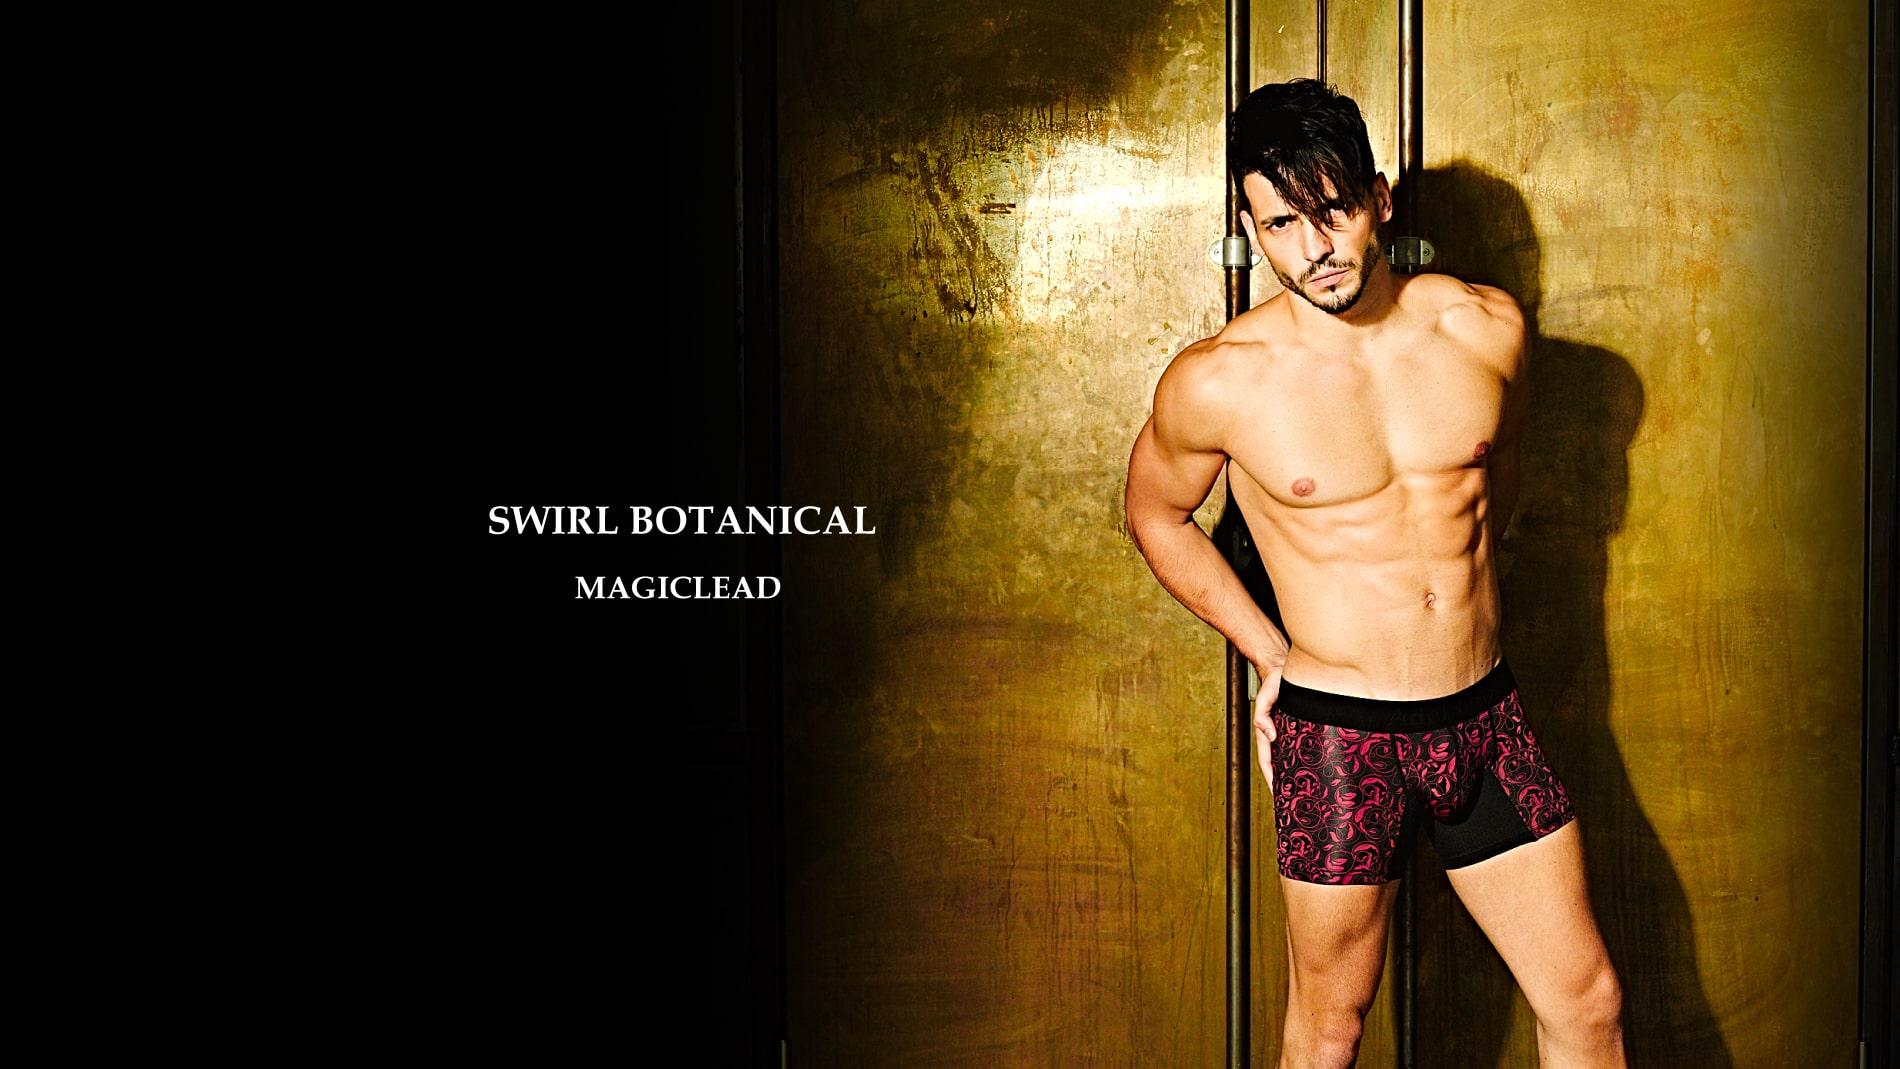 SWIRL BOTANICAL W|メンズアンダーウェア 高級ボクサーパンツブランド、Adelbelz(アデルベルツ)公式通販